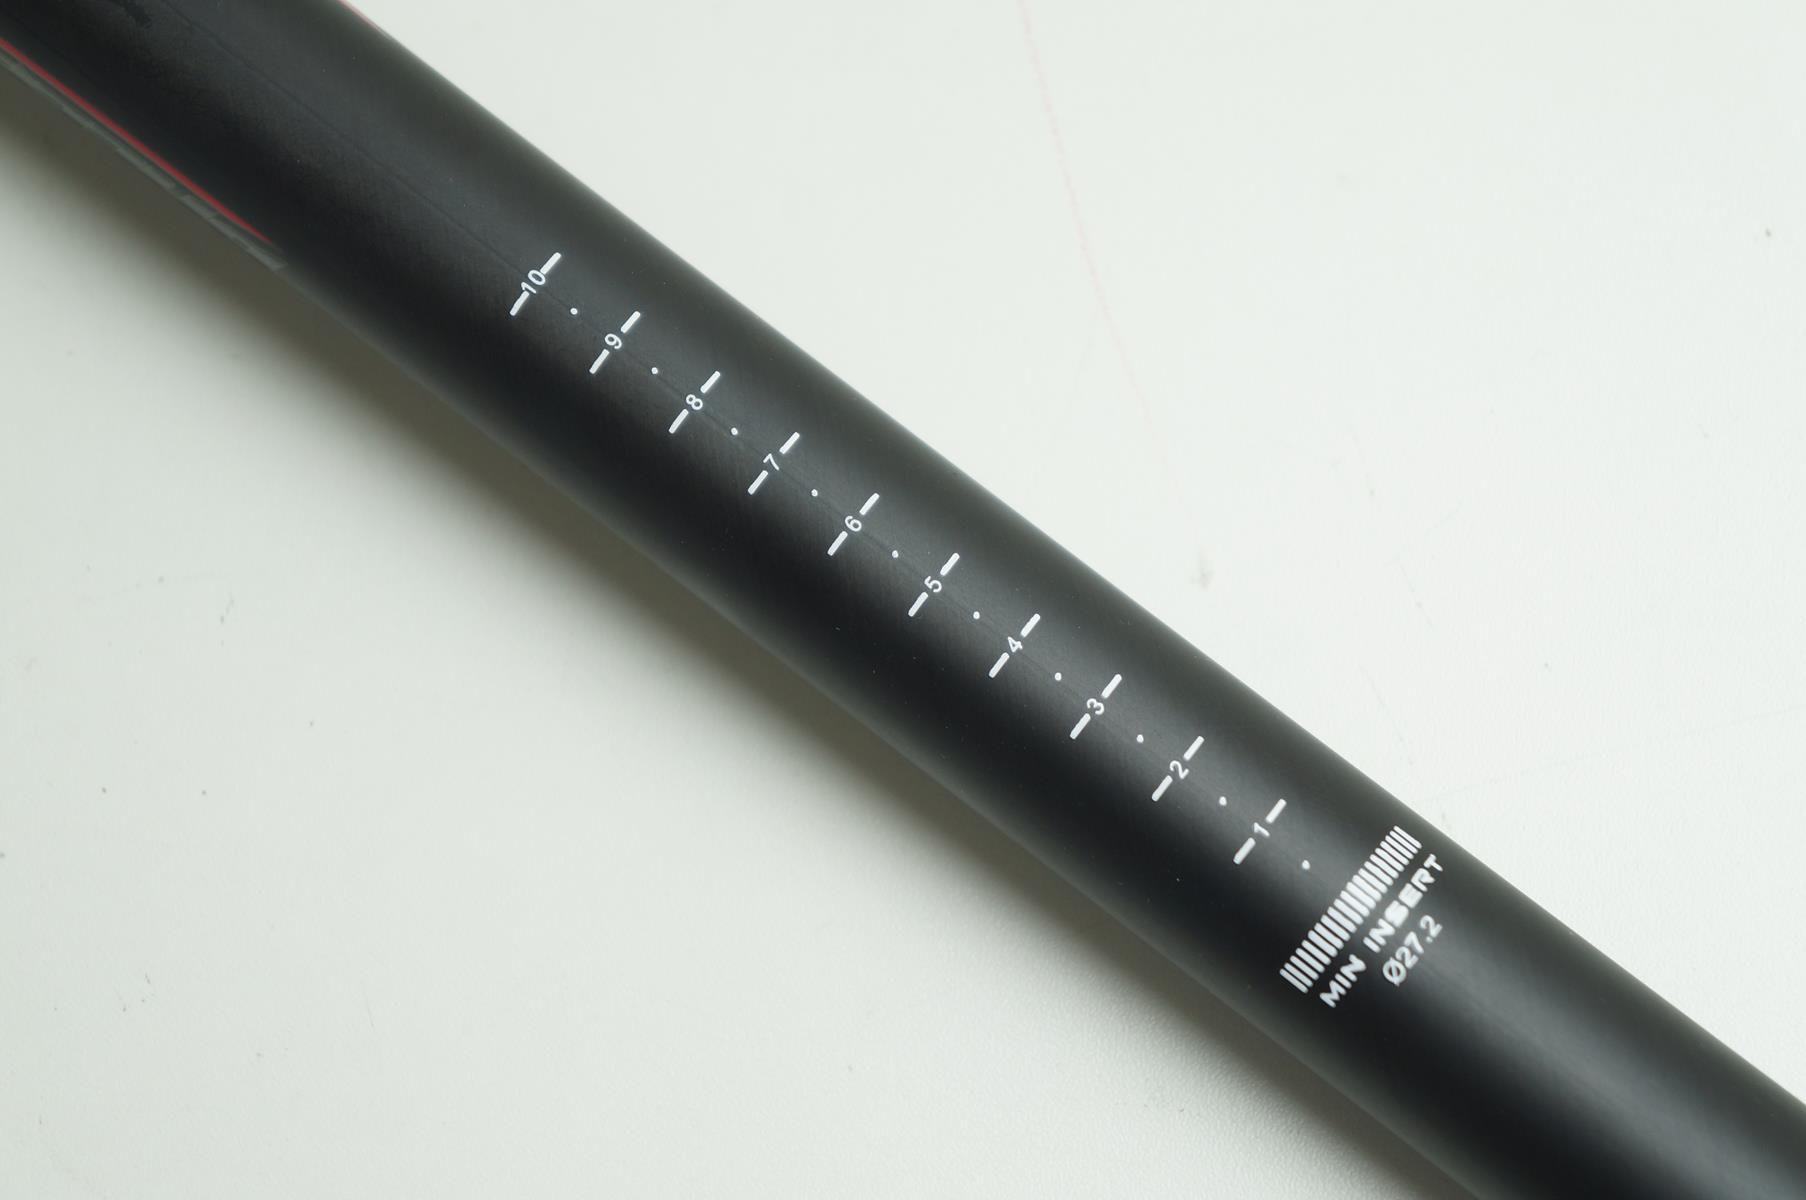 Canote de Selim Vicinitech em Carbono 27.2 x 400mm Preto com Microajuste